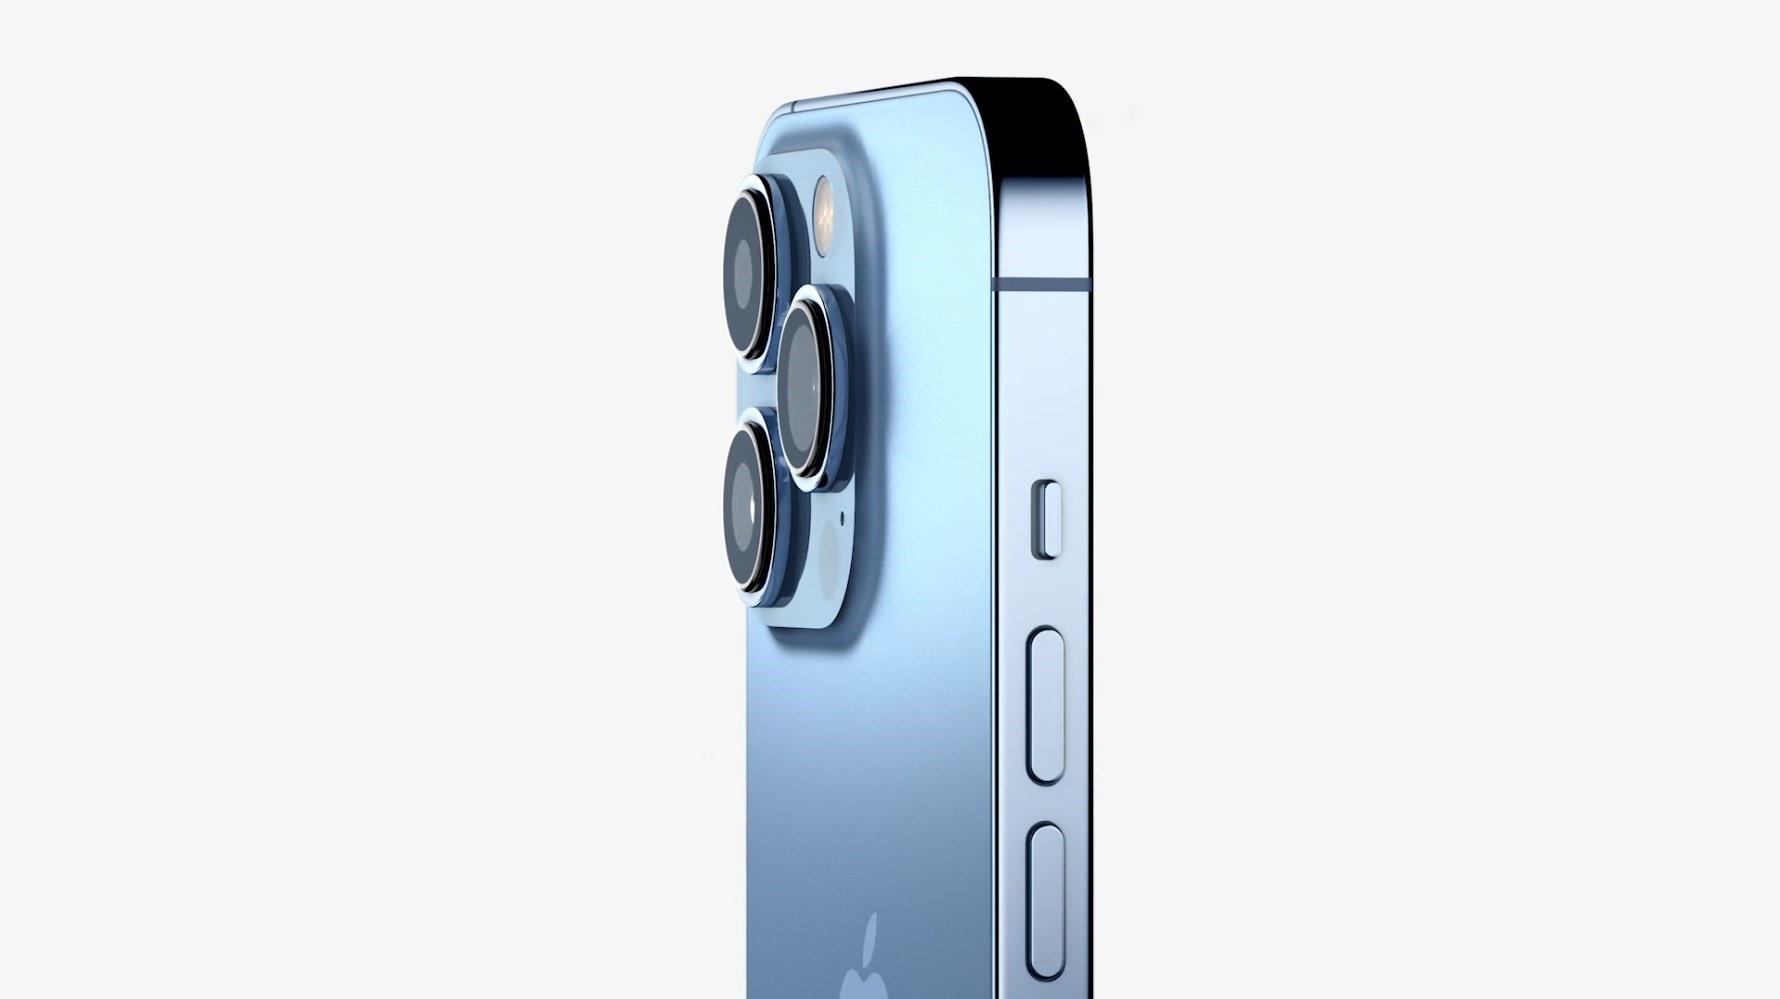 Di Động Việt tung loạt ưu đãi cho khách đặt trước iPhone 13 series 20